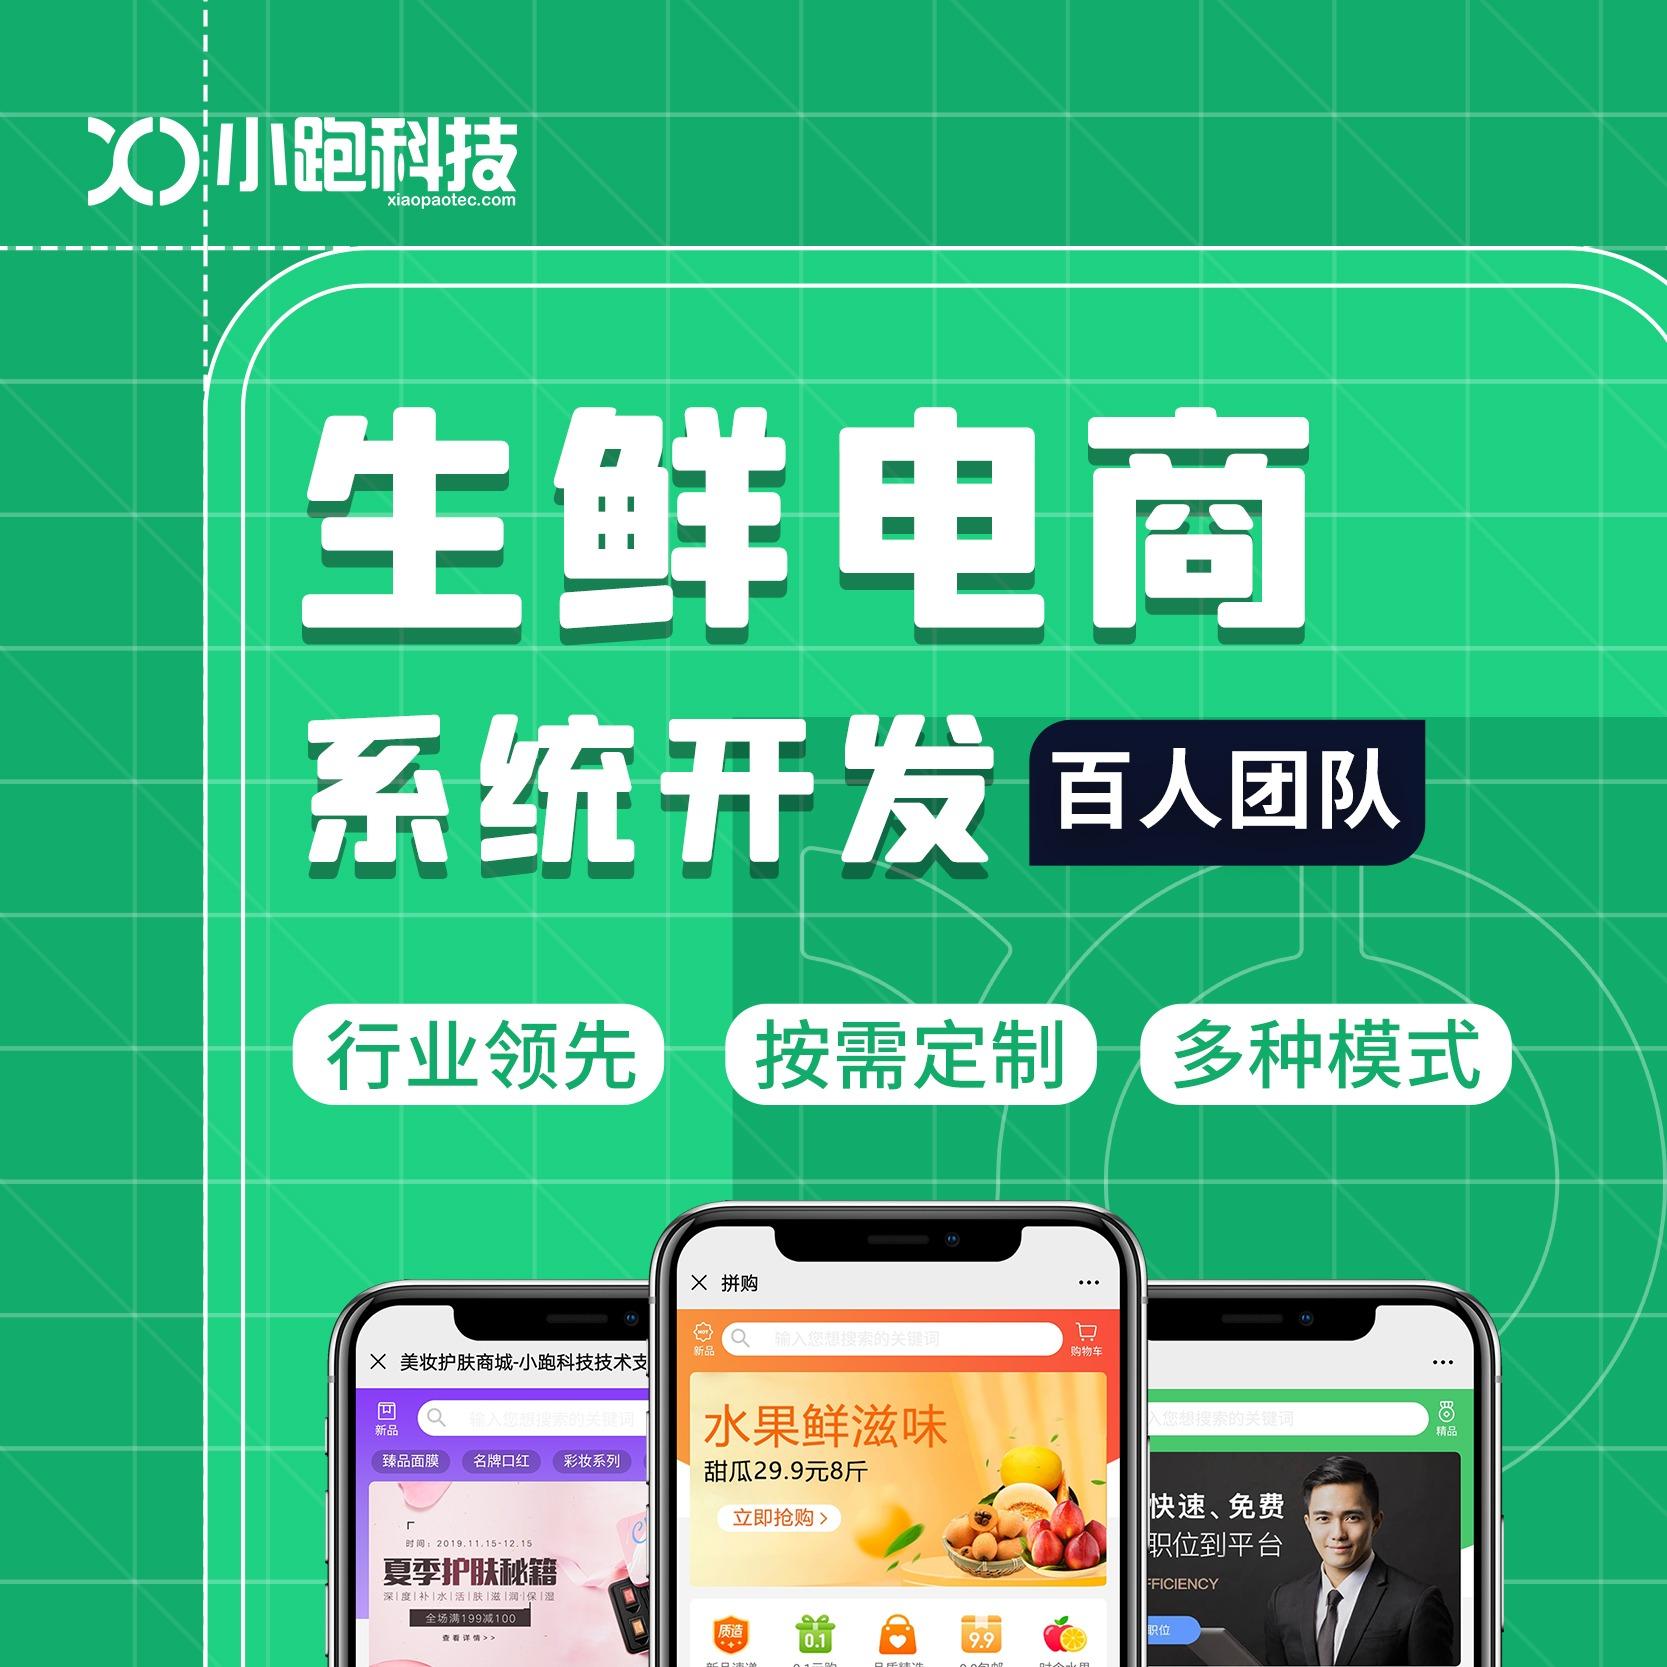 【生鲜配送微信公众号开发】社区团购/骑手接单/朴朴定制开发